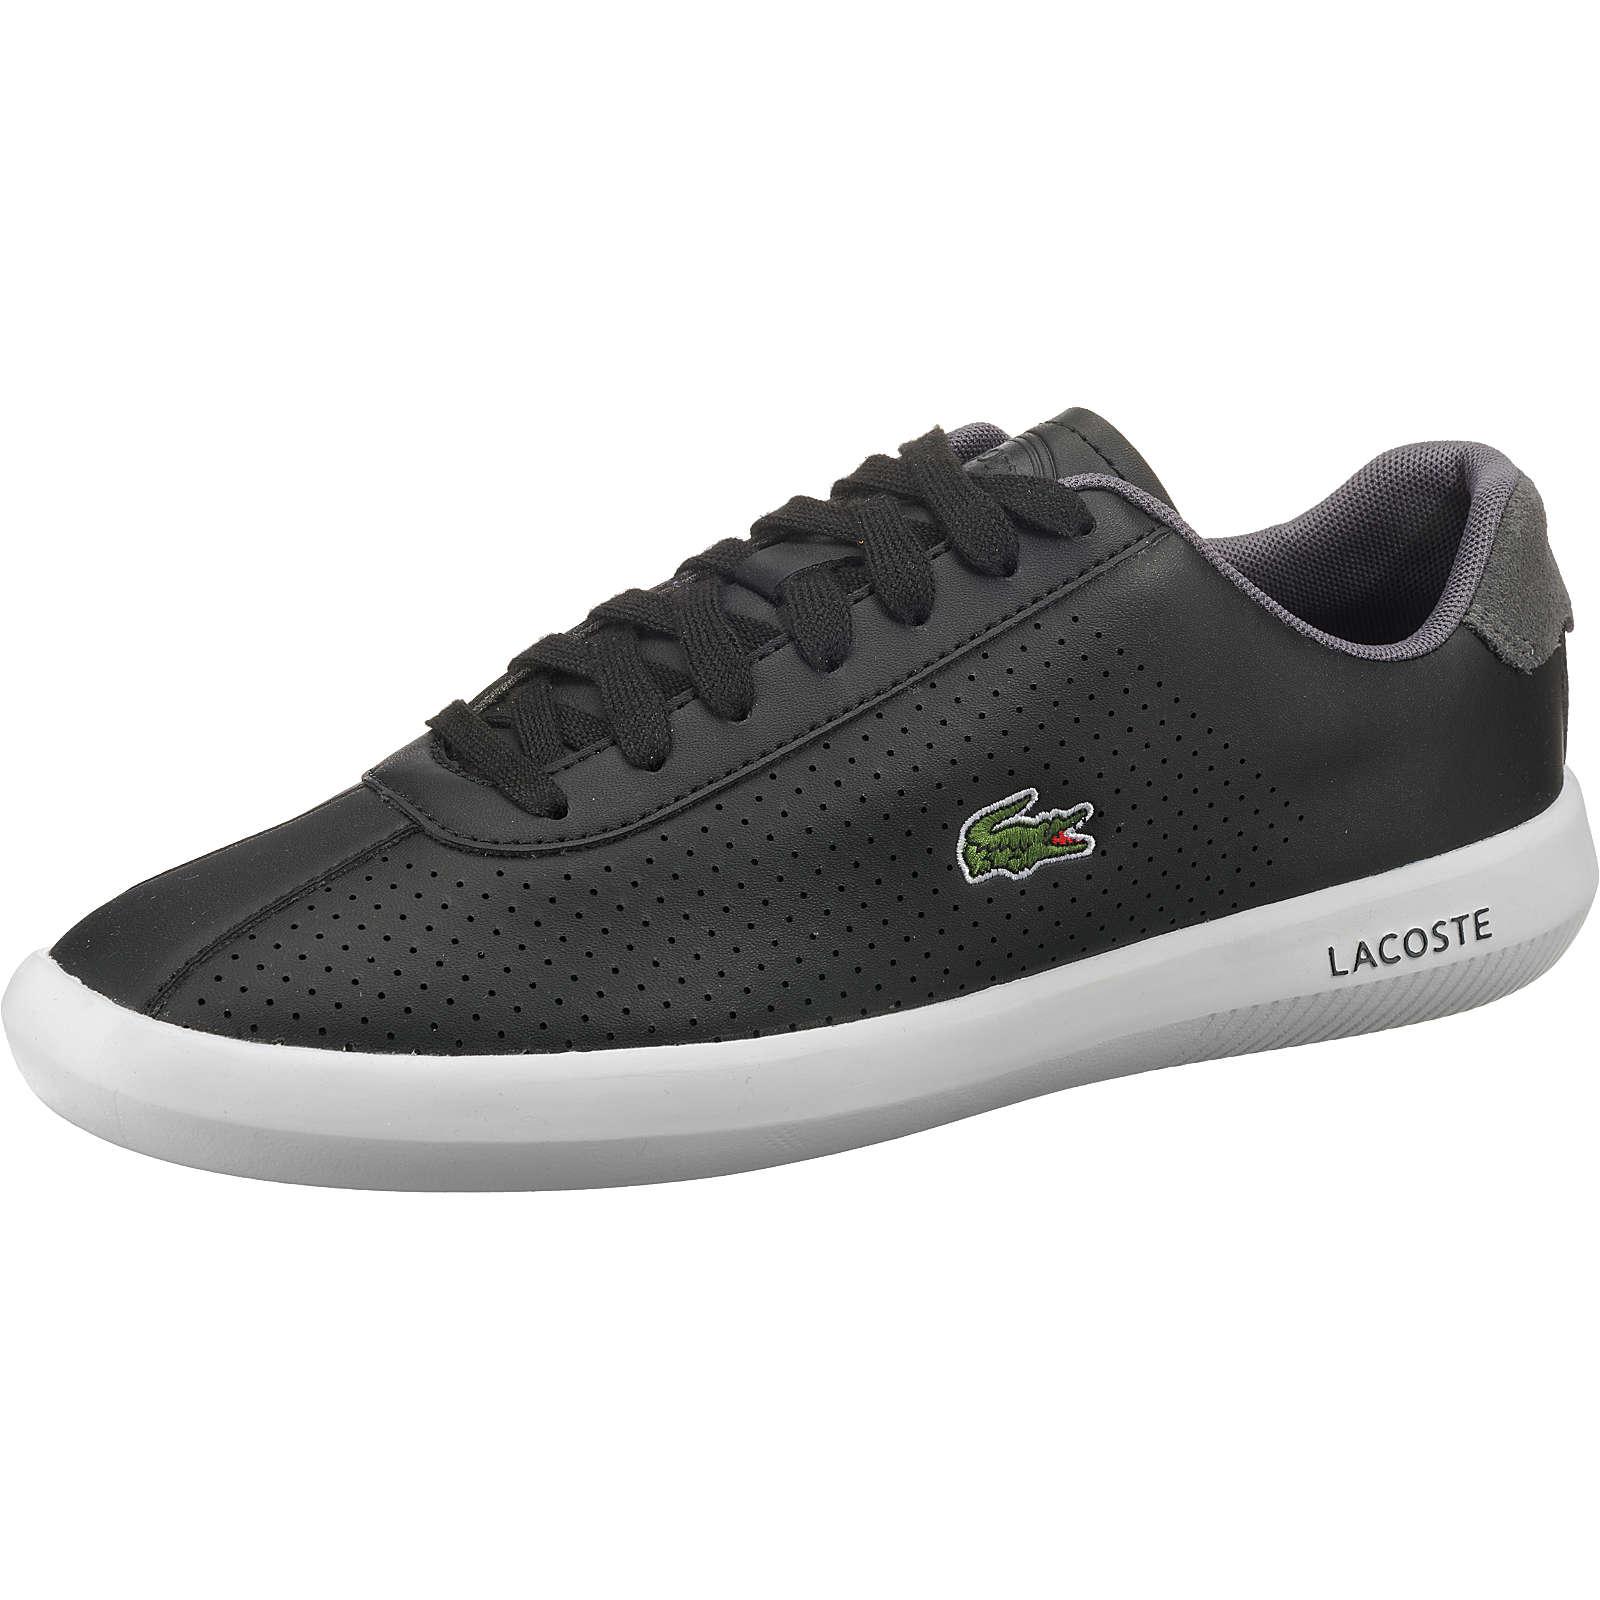 LACOSTE Avance Sneakers Low schwarz Herren Gr. 41